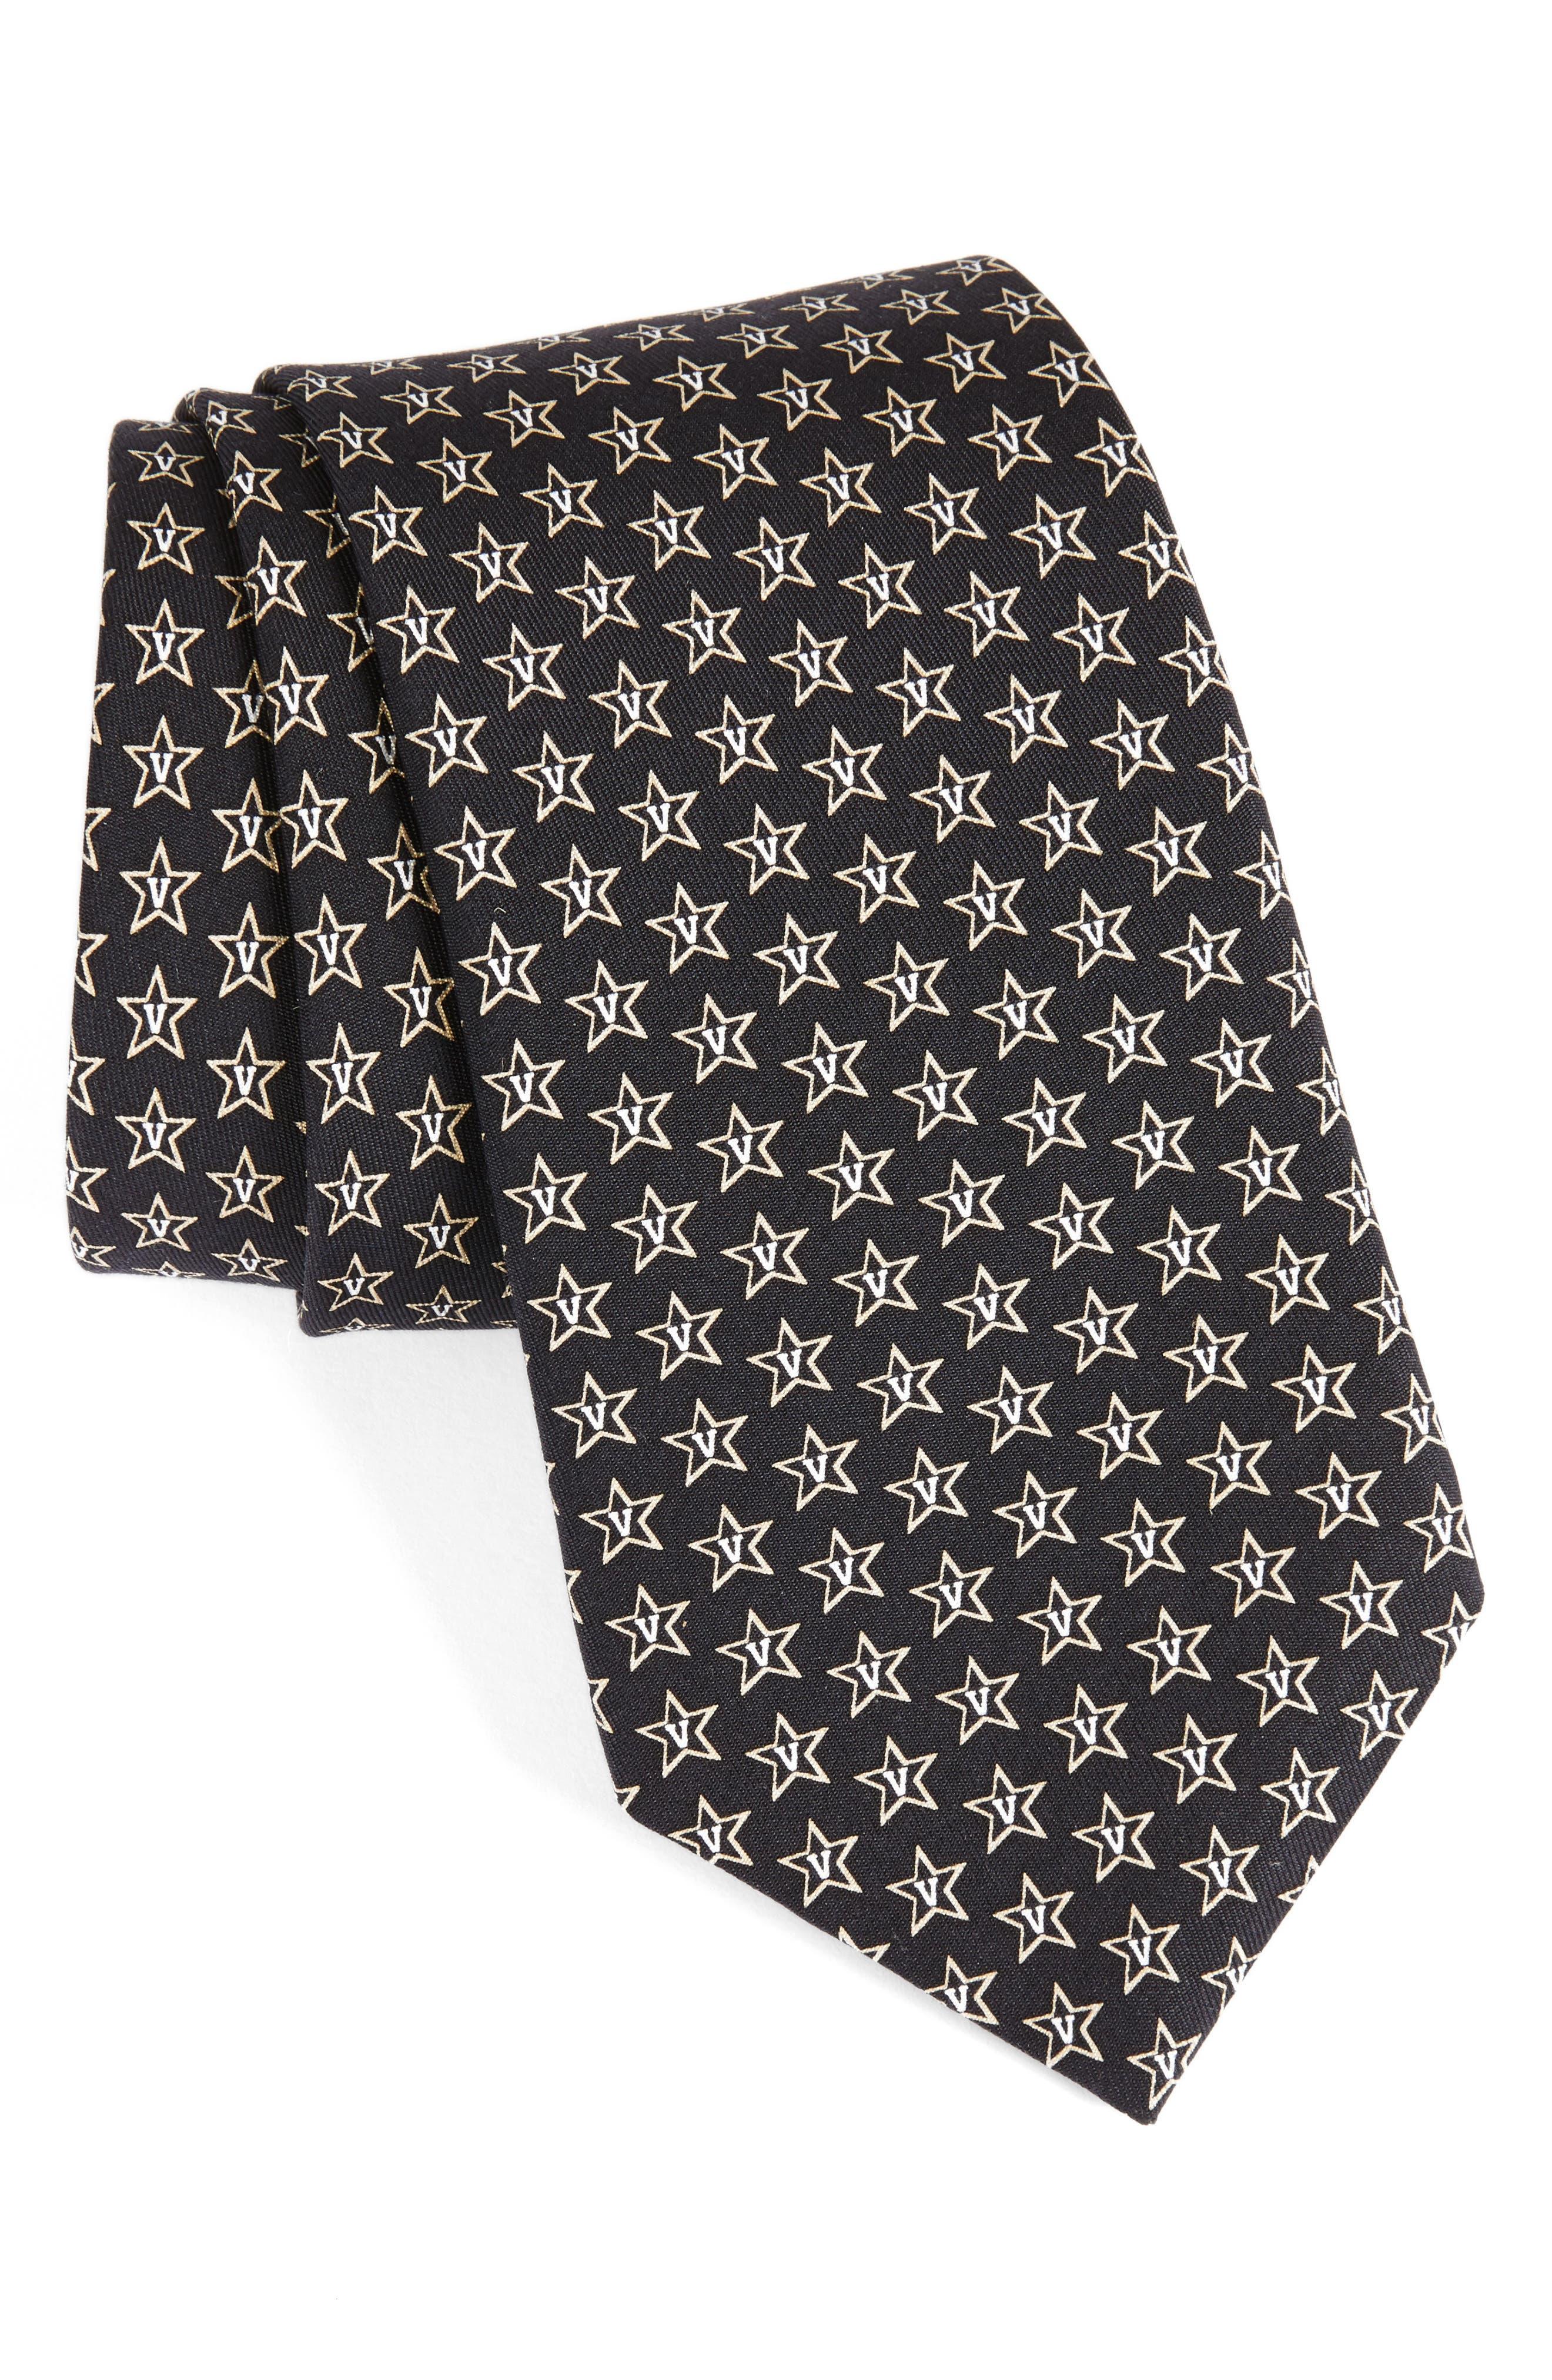 Alternate Image 1 Selected - Vineyard Vines Vanderbilt University Silk Tie